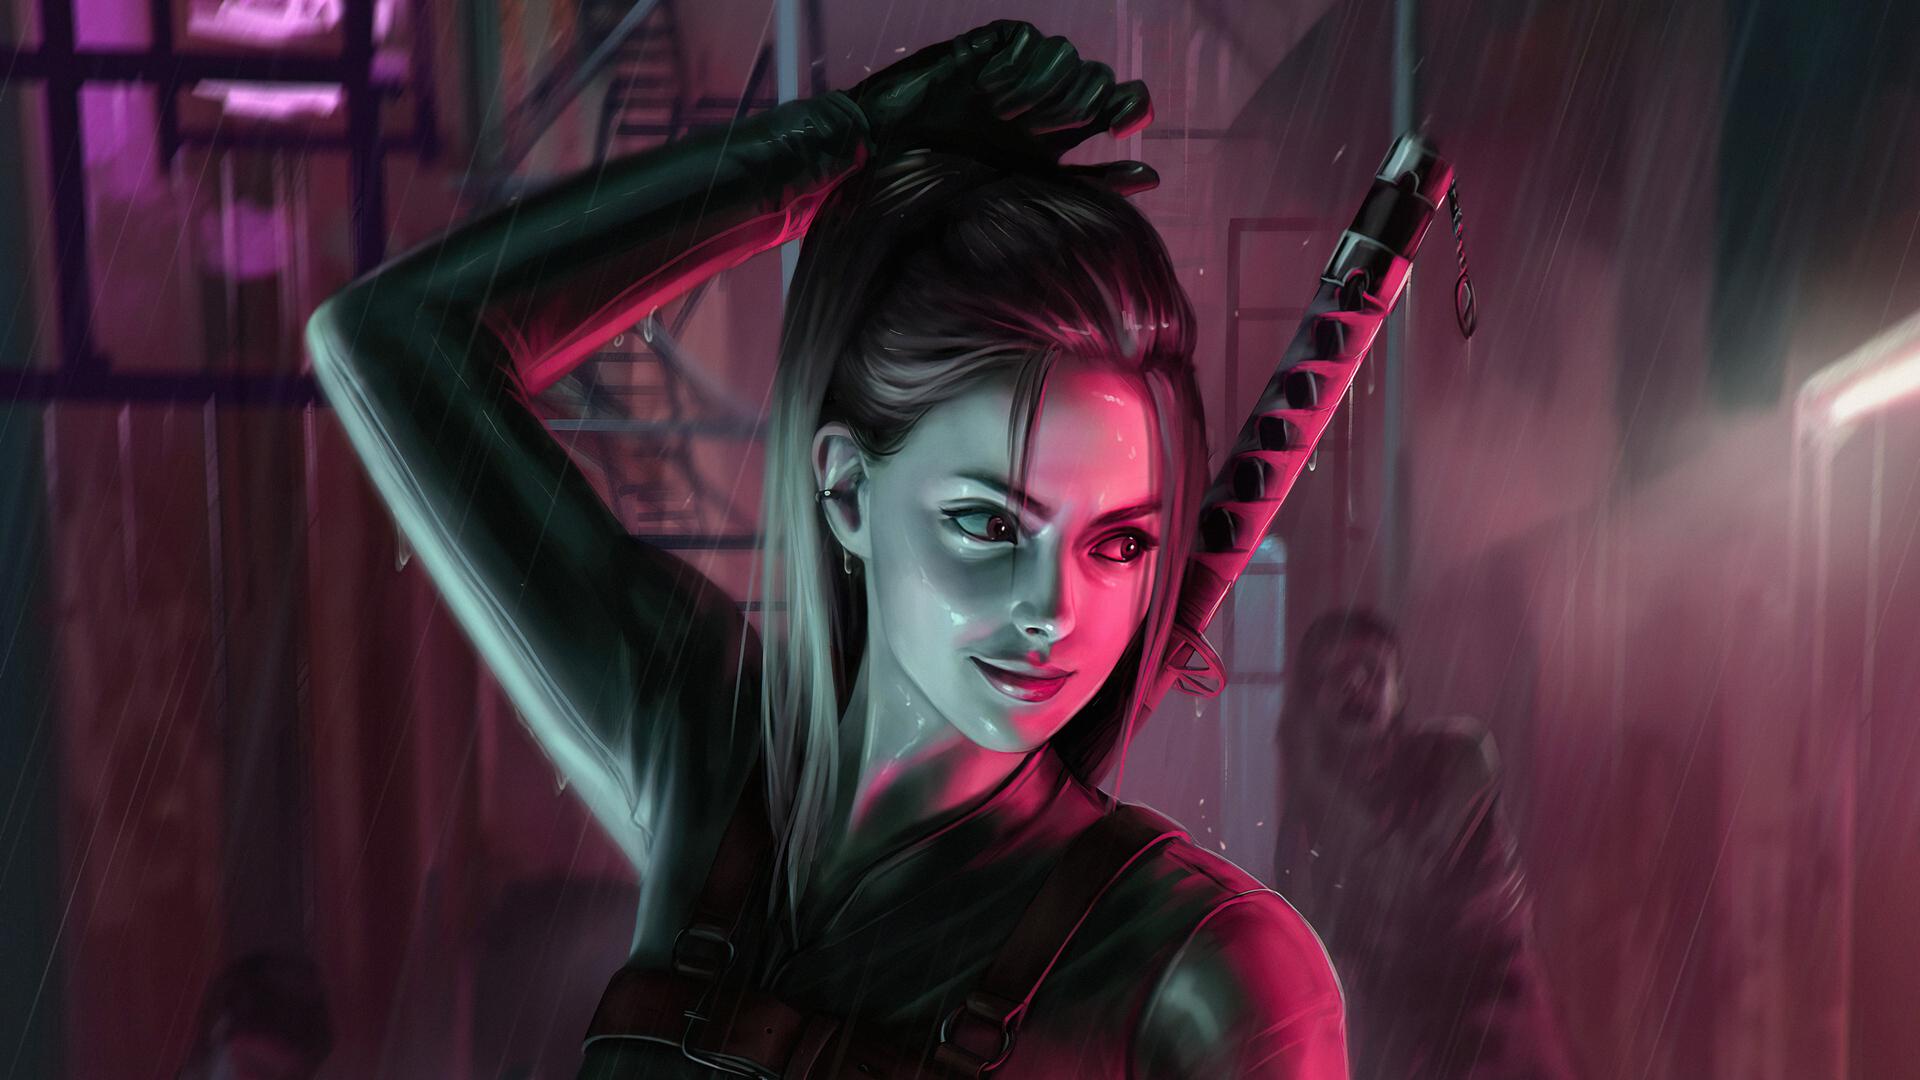 girl-with-swords-in-back-fantasy-4k-nm.jpg